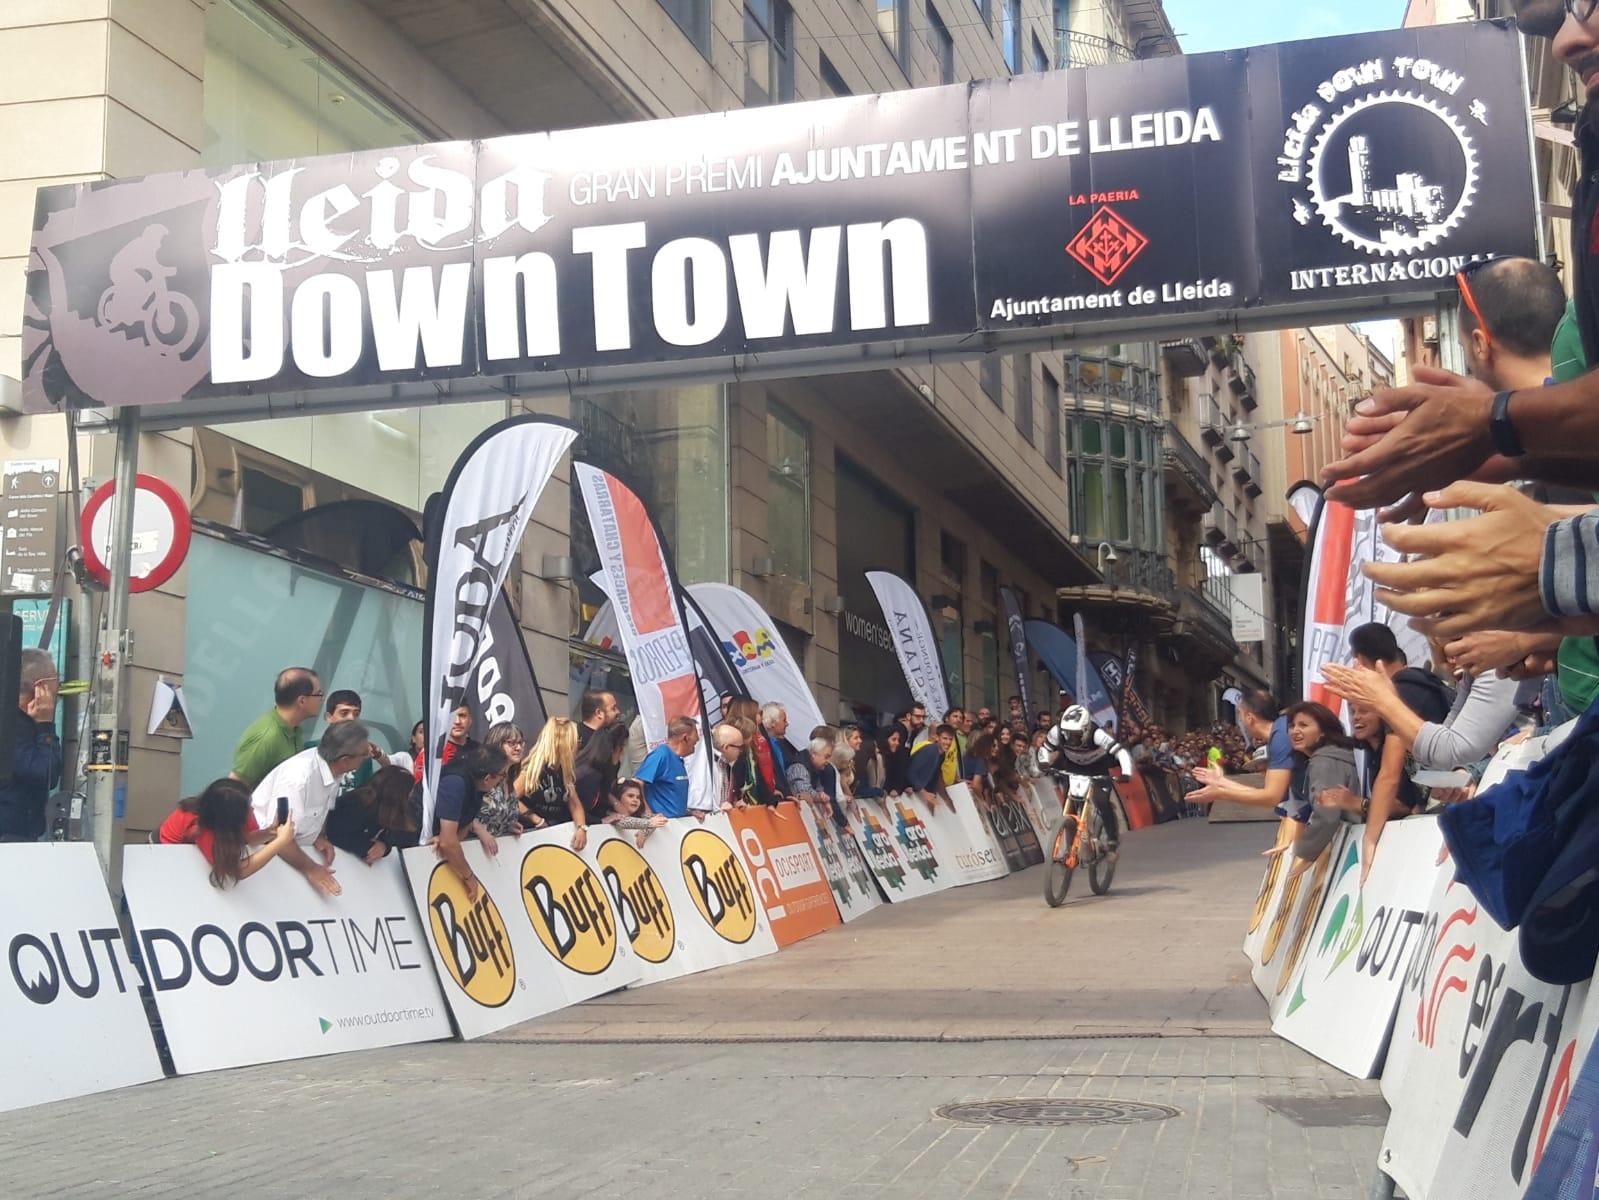 Jordi Simó y Viktoria Giménez grandes vencedores del XII Downtown Gran Premi Internacional Ciutat de Lleida - Memorial Xavi Bonet